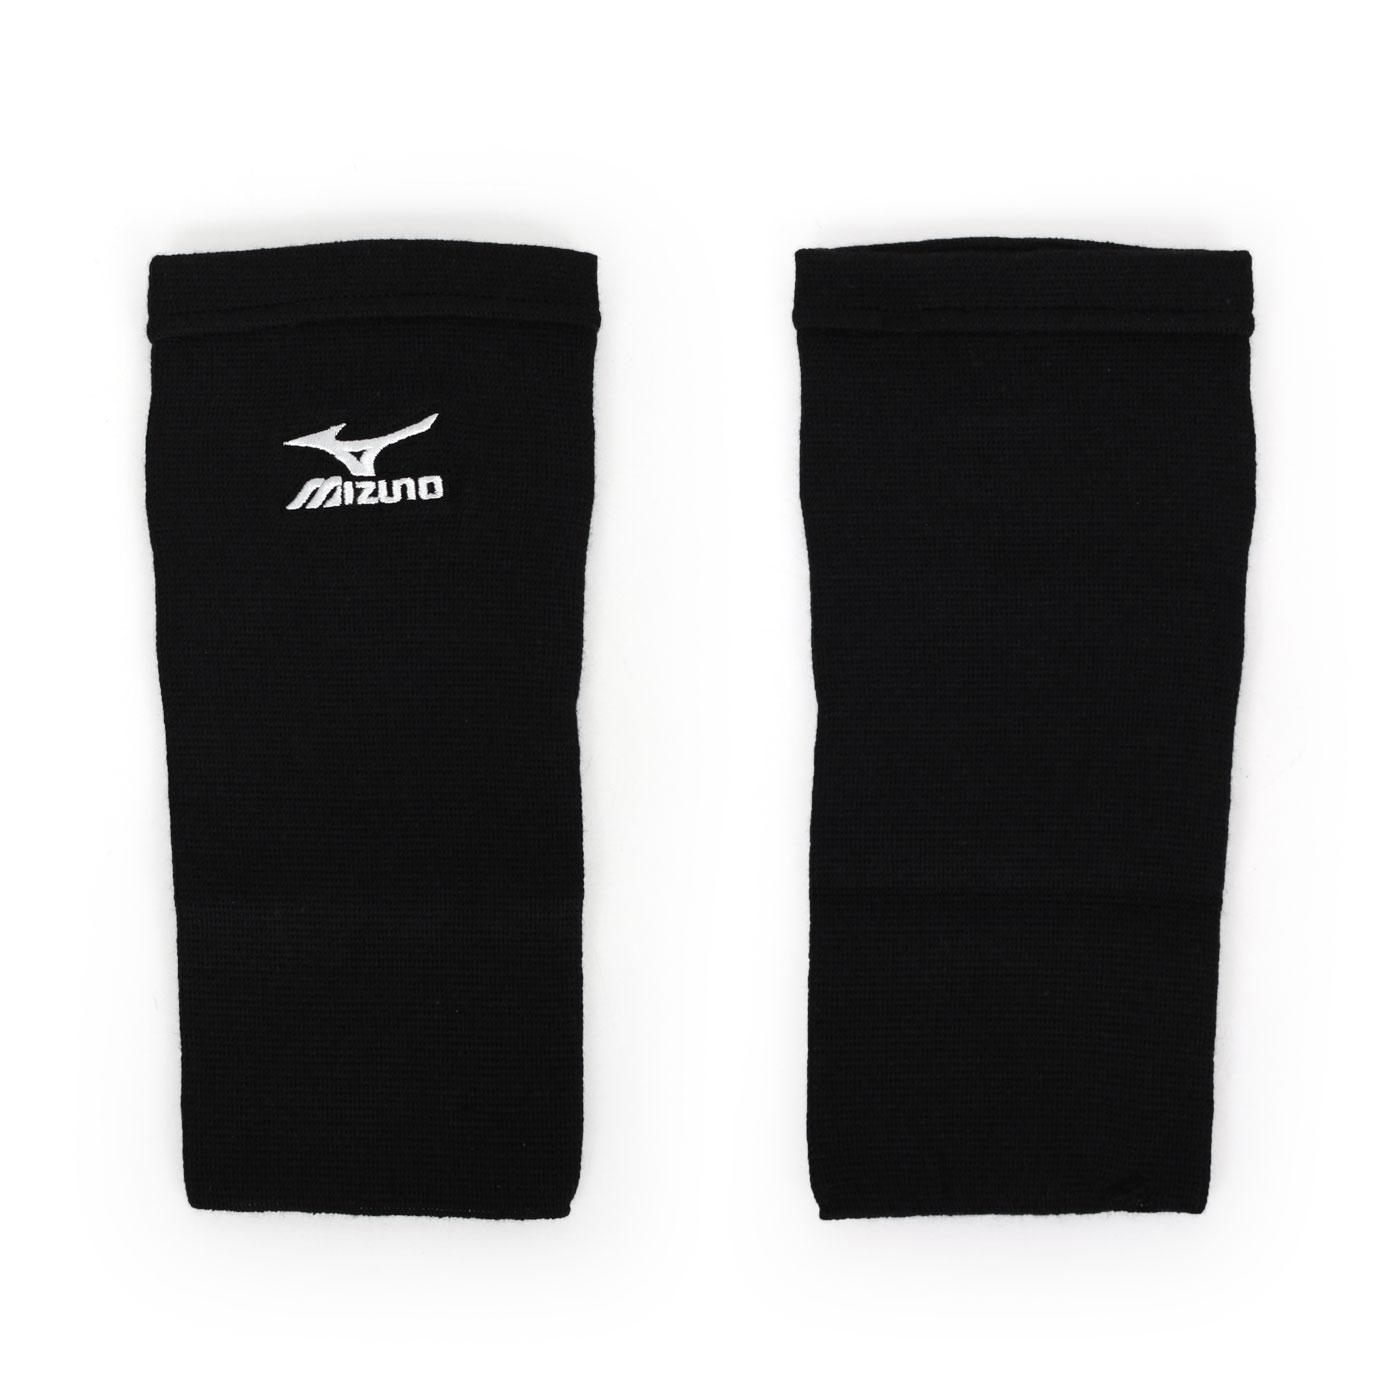 MIZUNO 薄型防撞護肘套(排球 袖套 一只入 美津濃【94290276】≡排汗專家≡